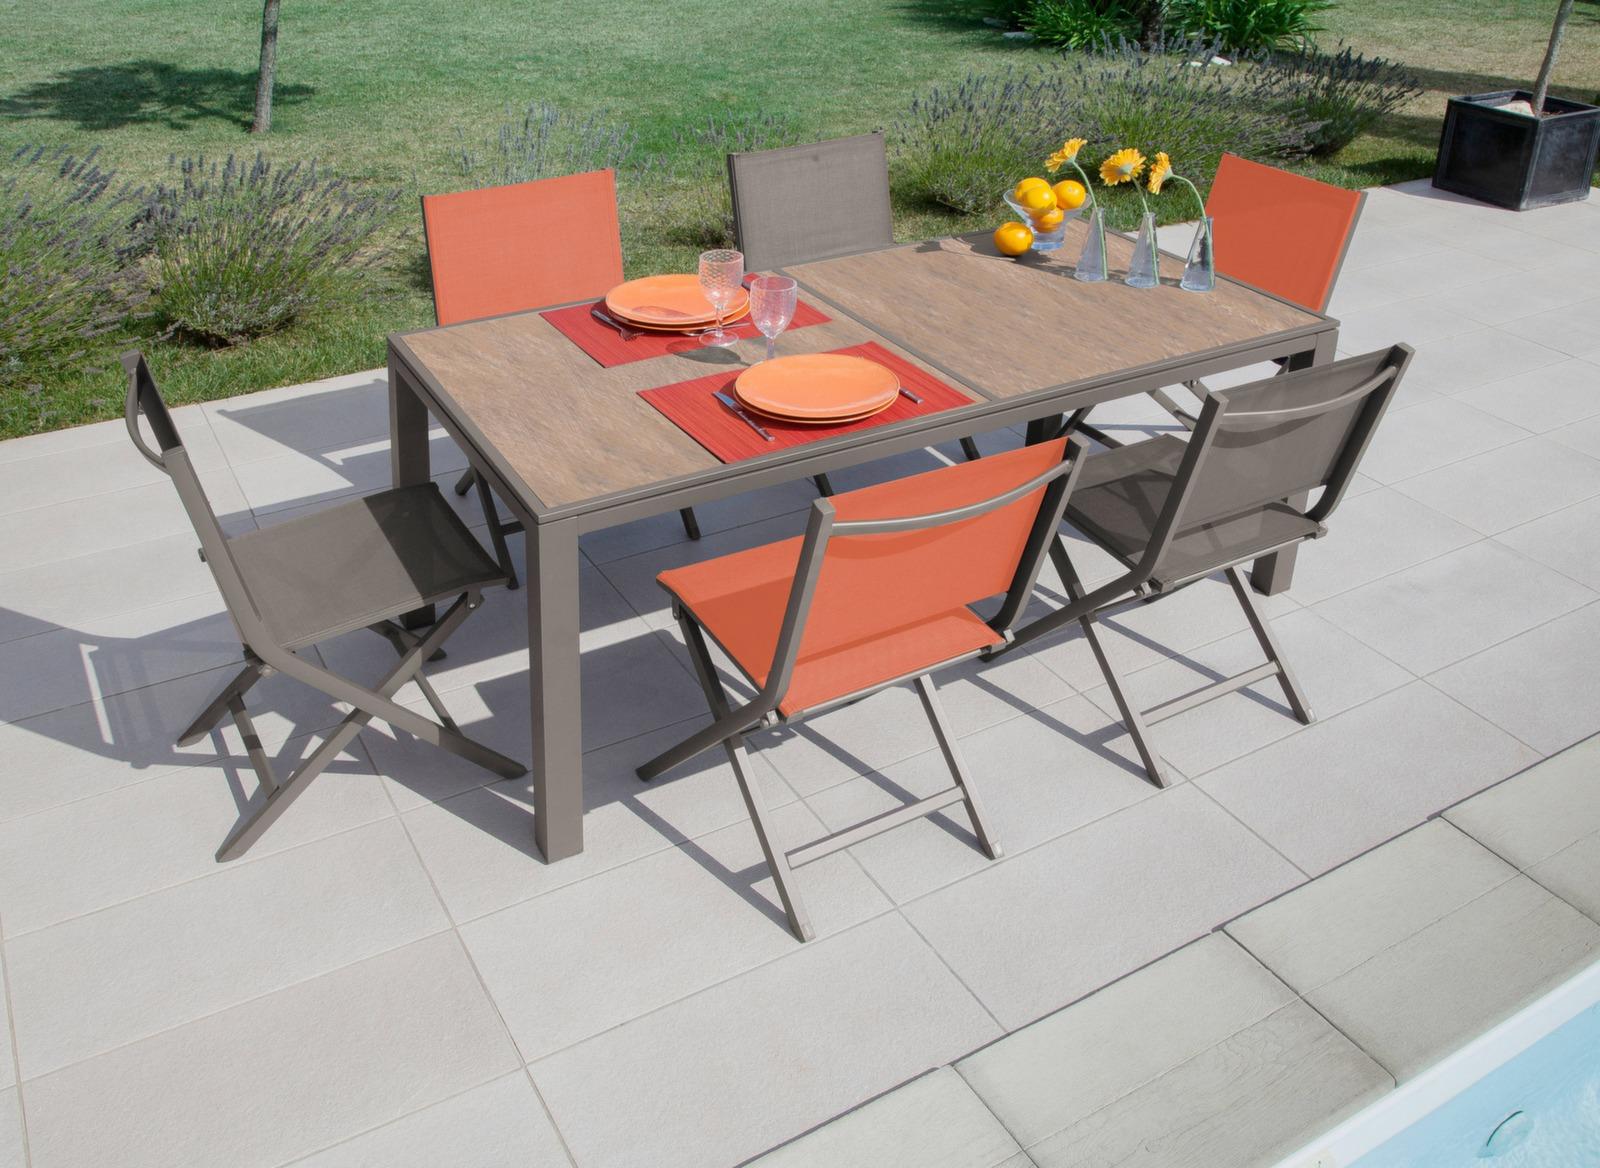 table d 39 ext rieur romane 188cm gamme aliz proloisirs. Black Bedroom Furniture Sets. Home Design Ideas